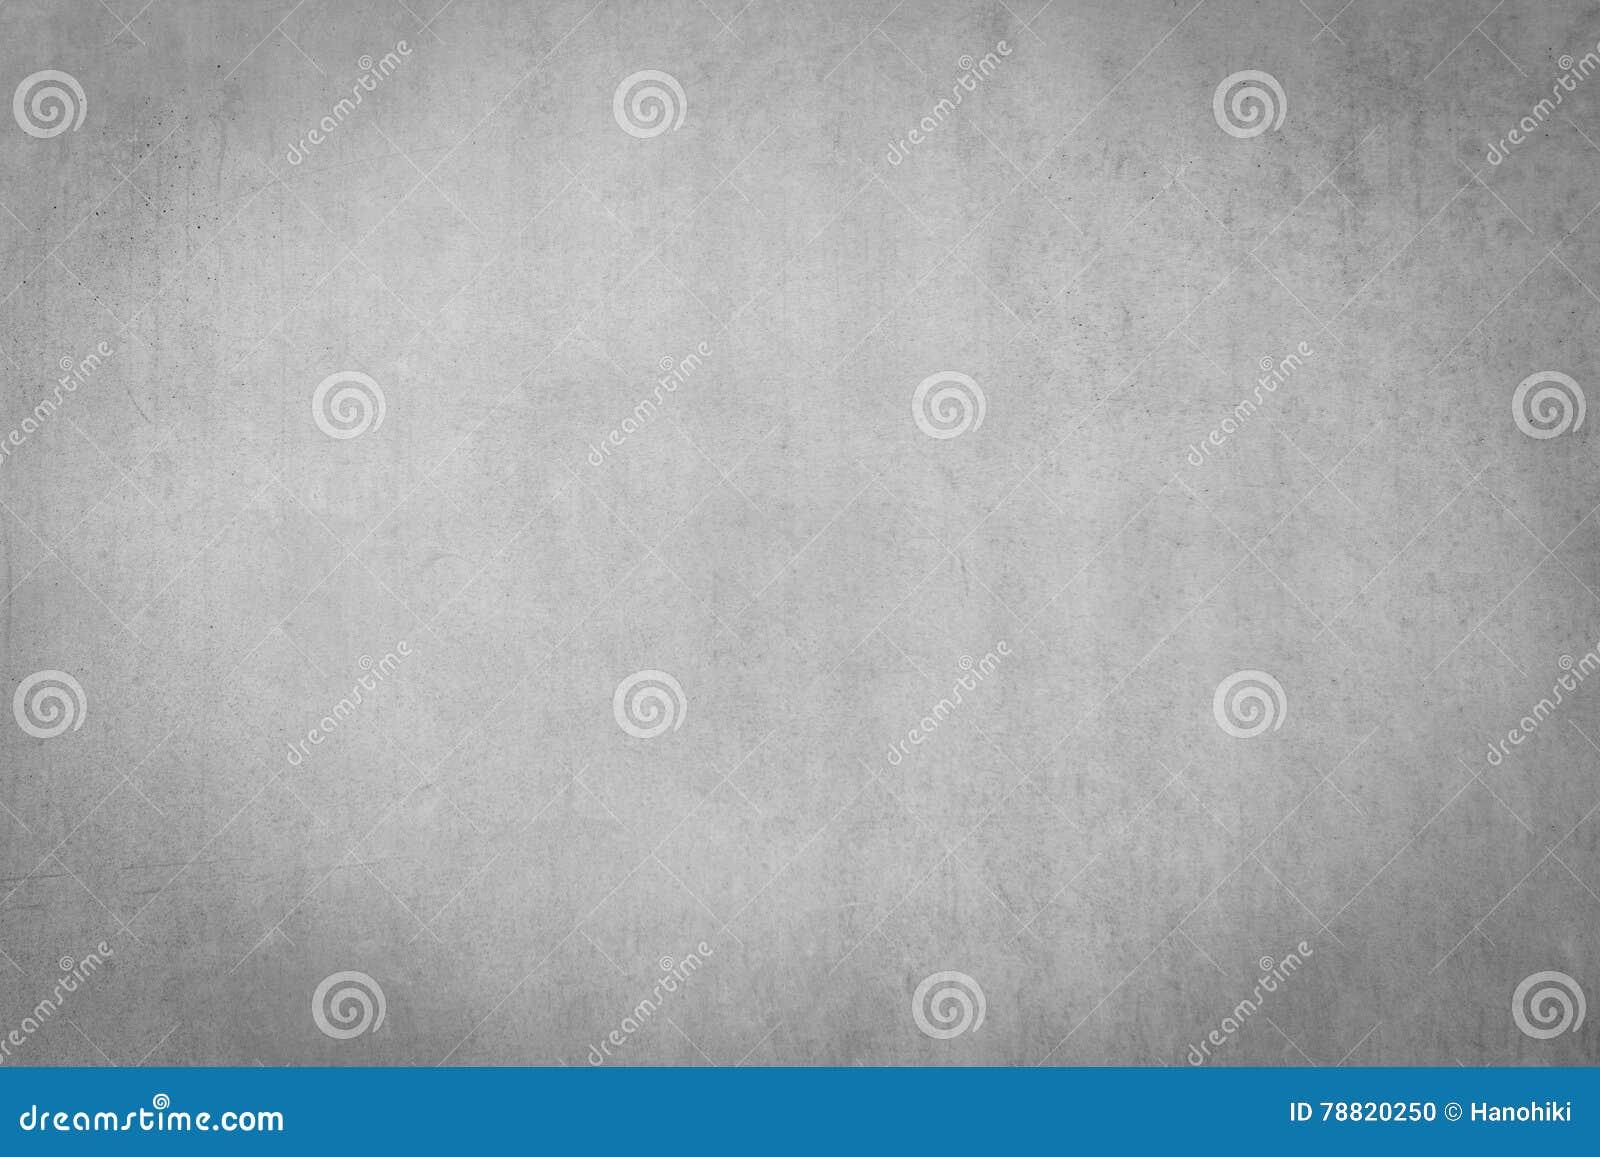 La Pietra Della Lavagna fondo grigio d'annata - struttura della lavagna fotografia